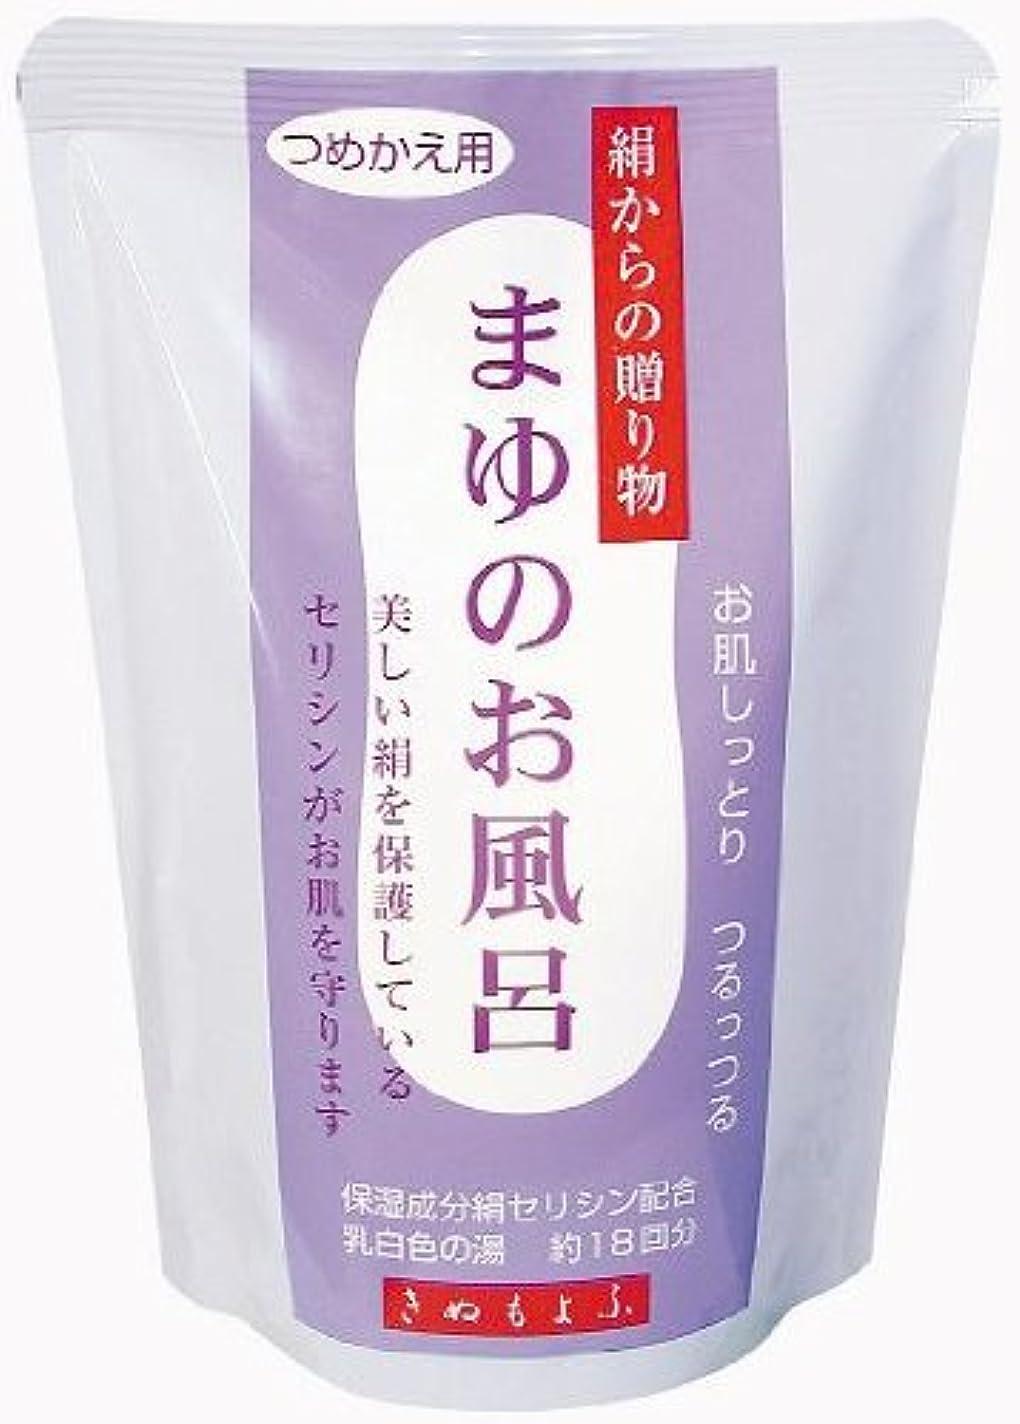 競う優れました崩壊まゆシリーズ きぬもよふ まゆのお風呂詰替 浴用化粧料 450ml(約18回分)